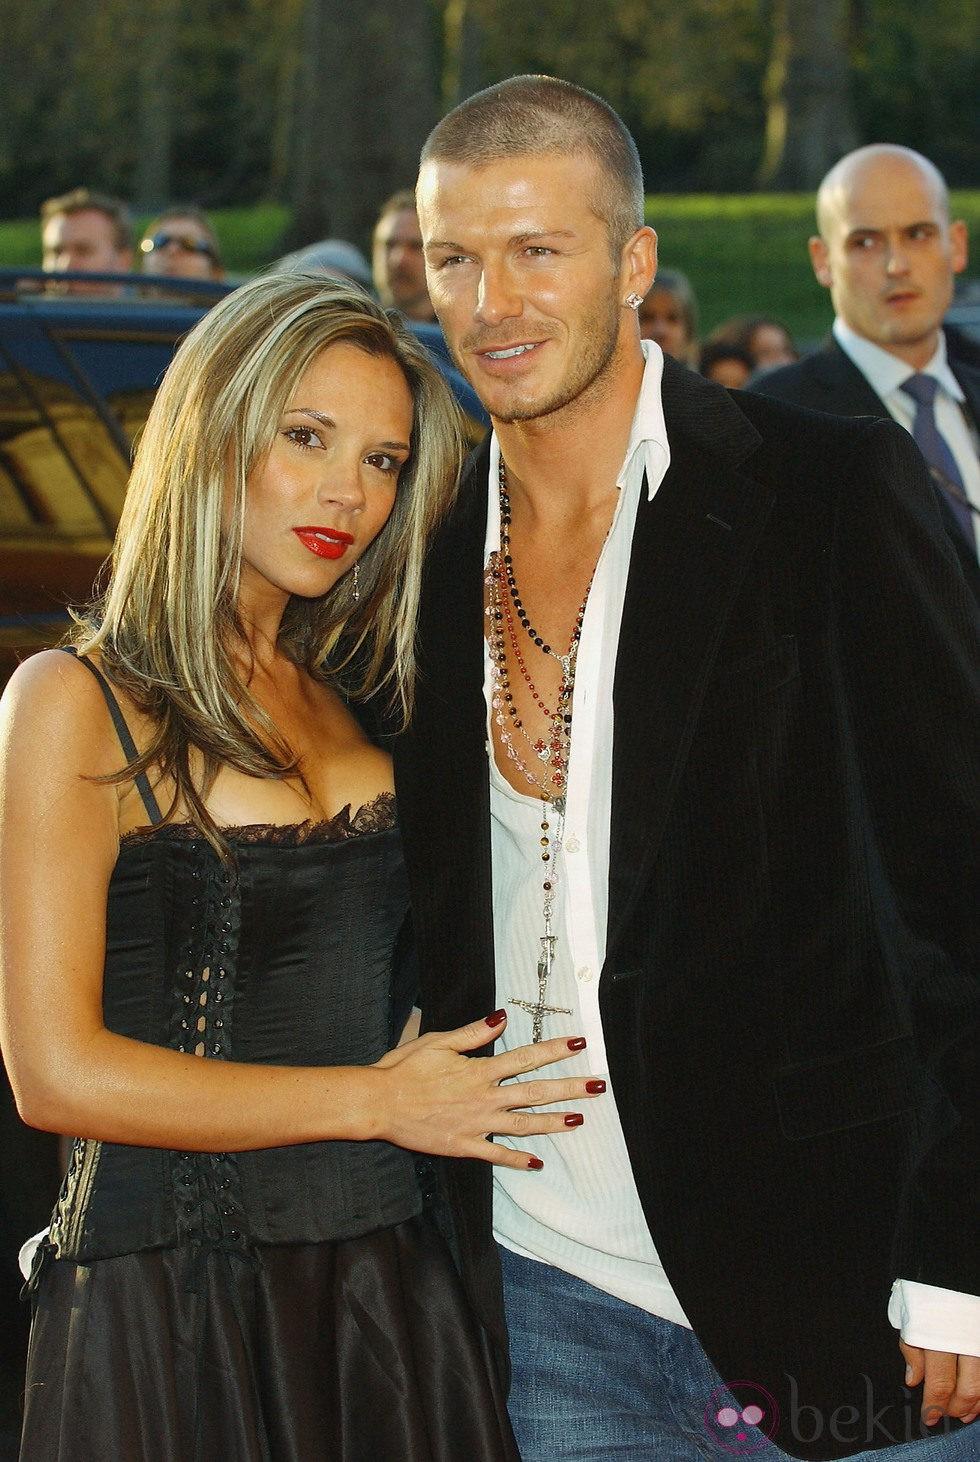 Victoria Beckham con larga melena castaña y mechas rubias